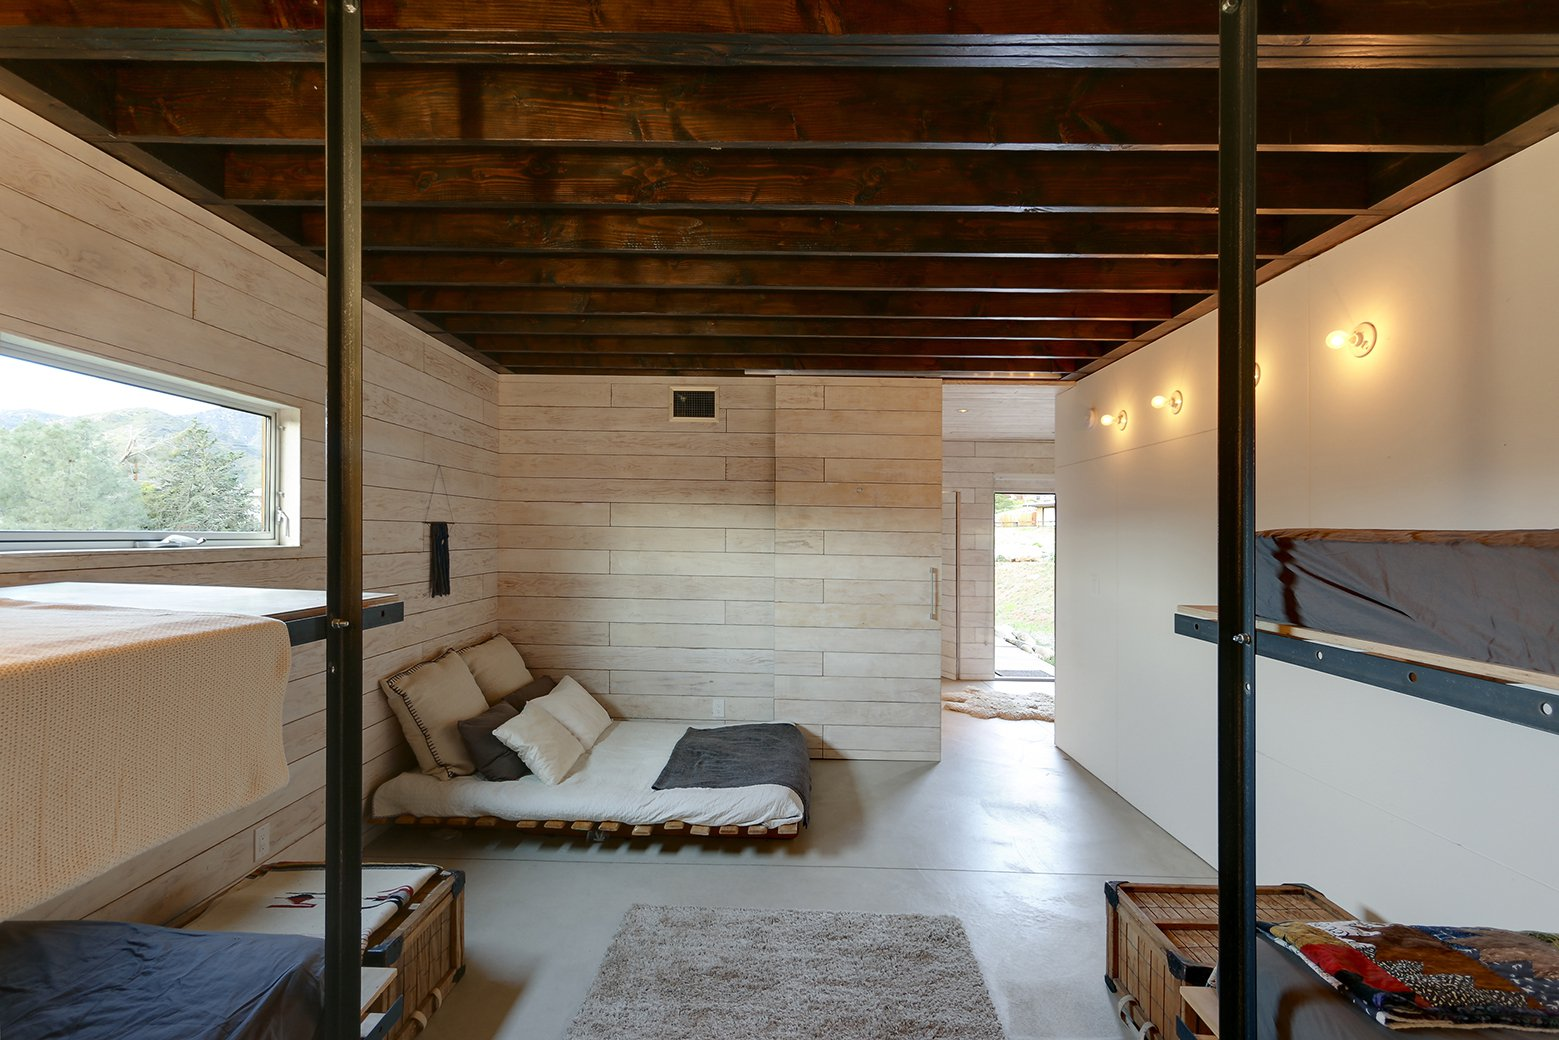 510 Cabin / Hunter Leggitt Studio (11)